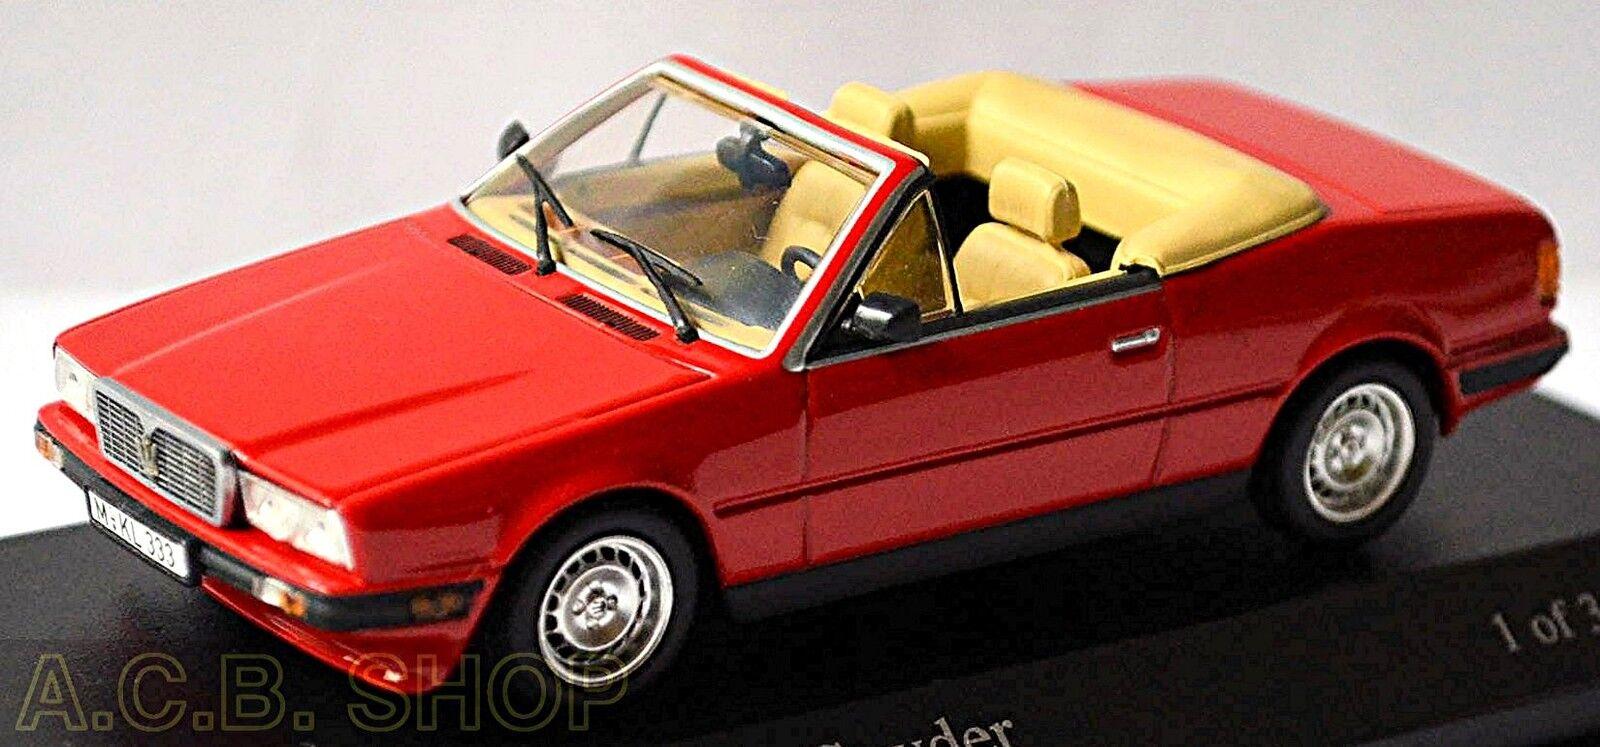 Maserati Biturbo Spyder 1984-88 rouge Maserati Rouge rouge 1 43 MINICHAMPS 400123530